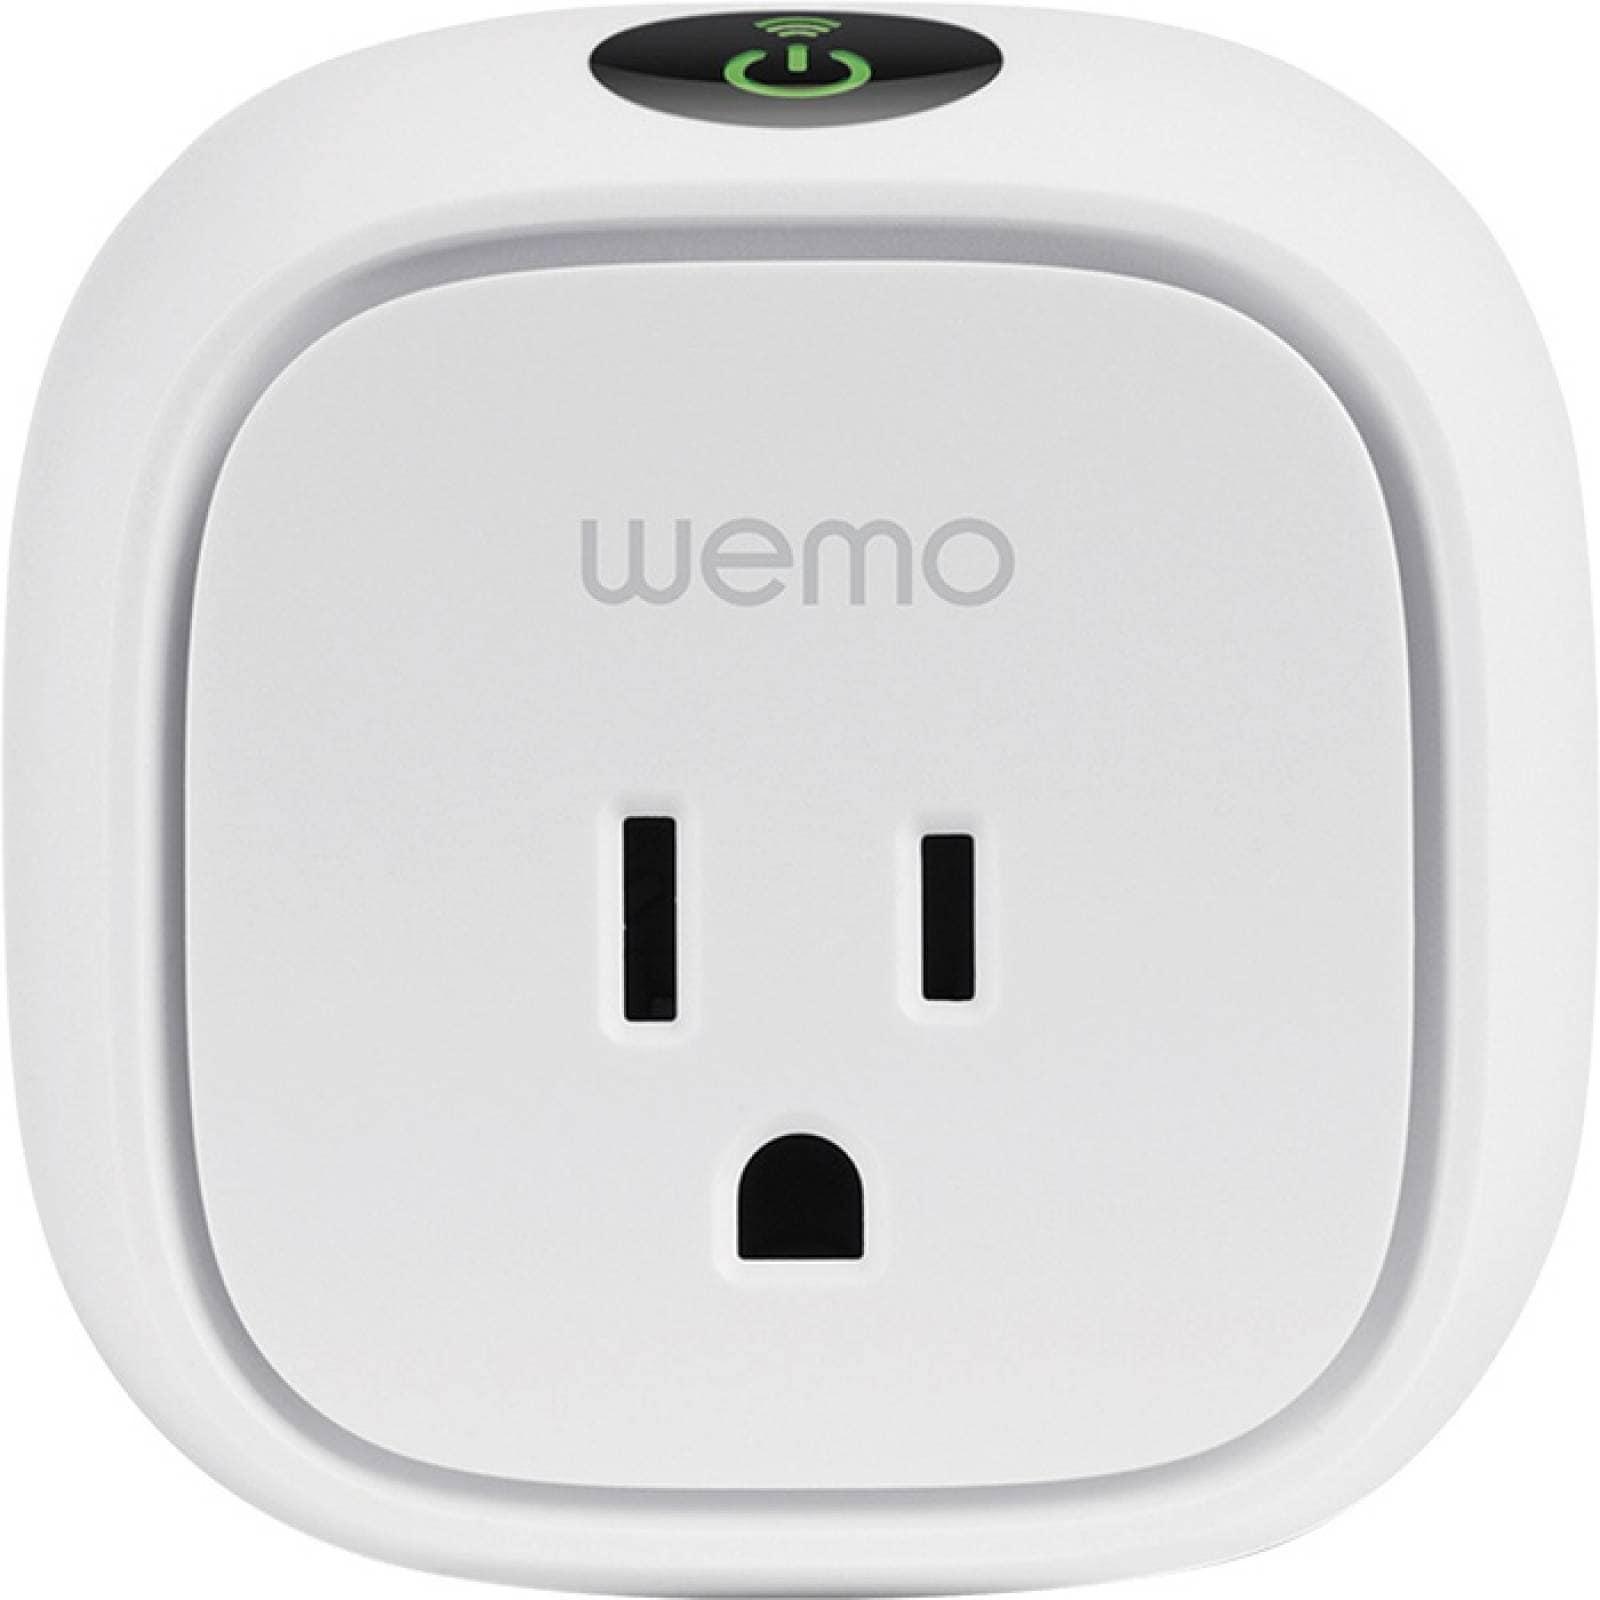 Linksys WeMo Insight Switch